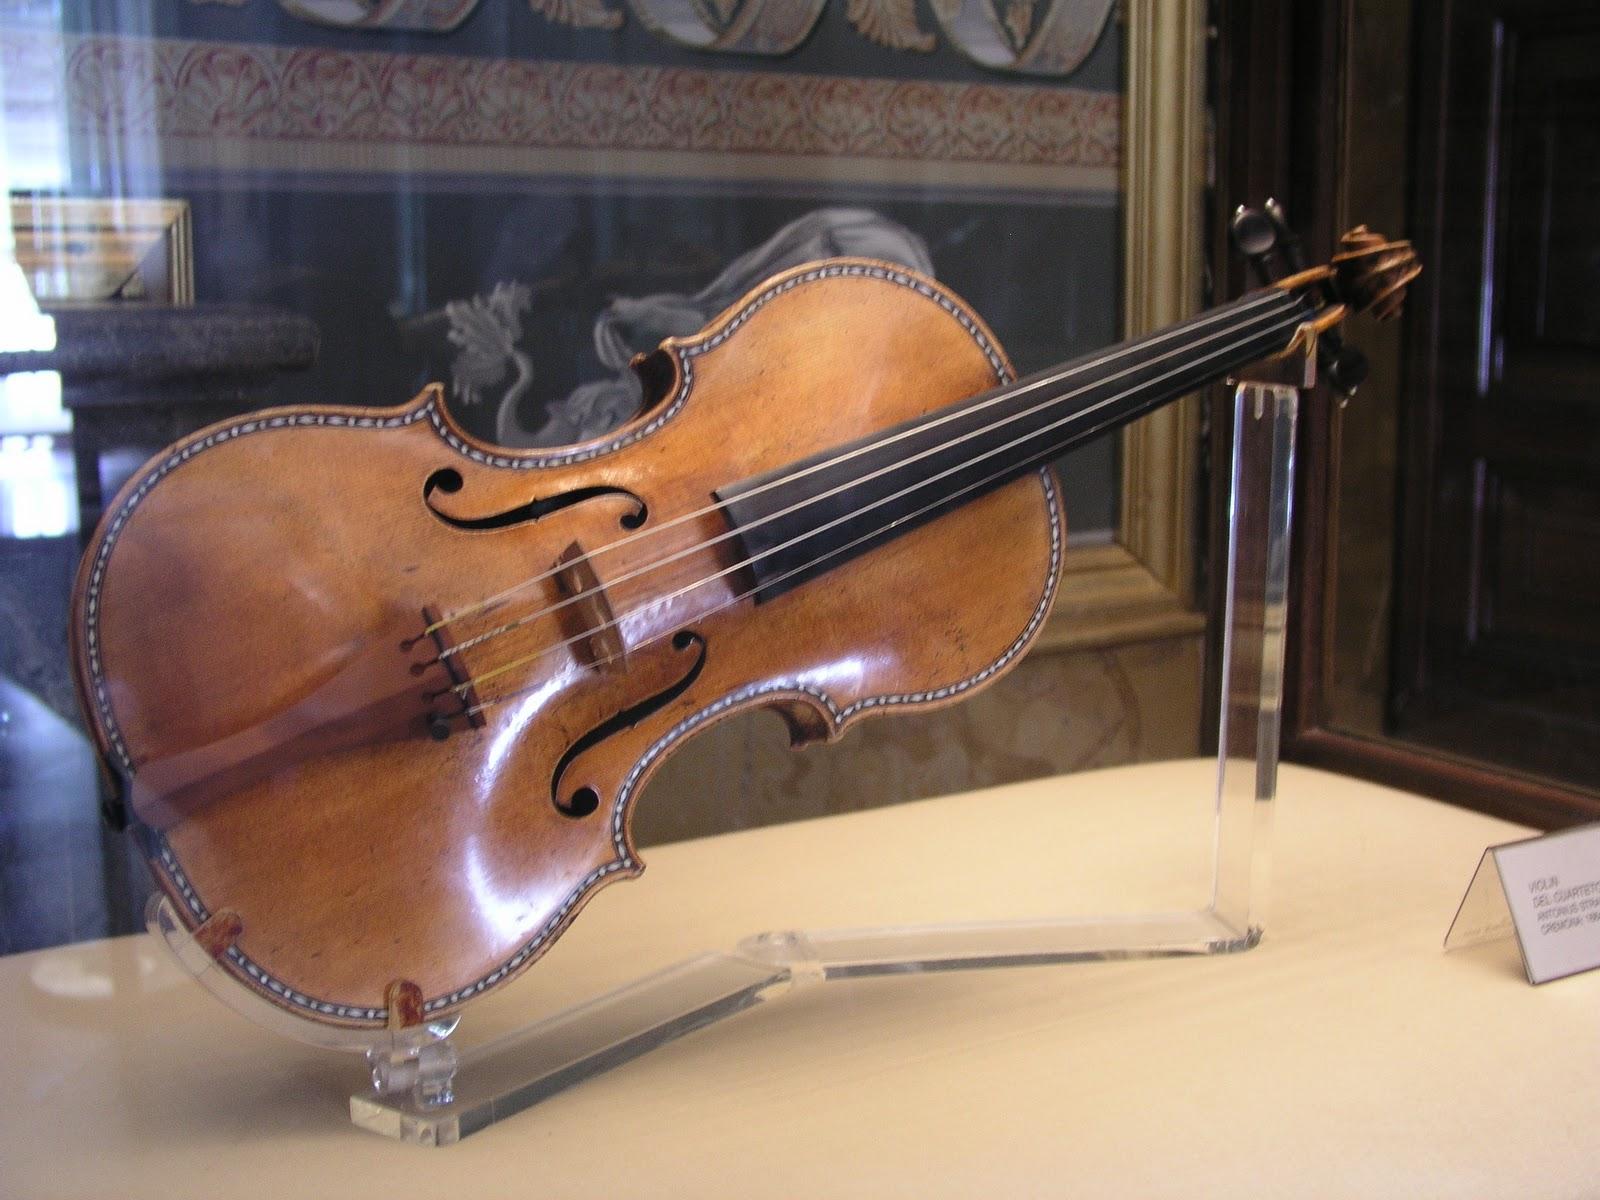 MUSICA STRADIVARIUS PalacioReal